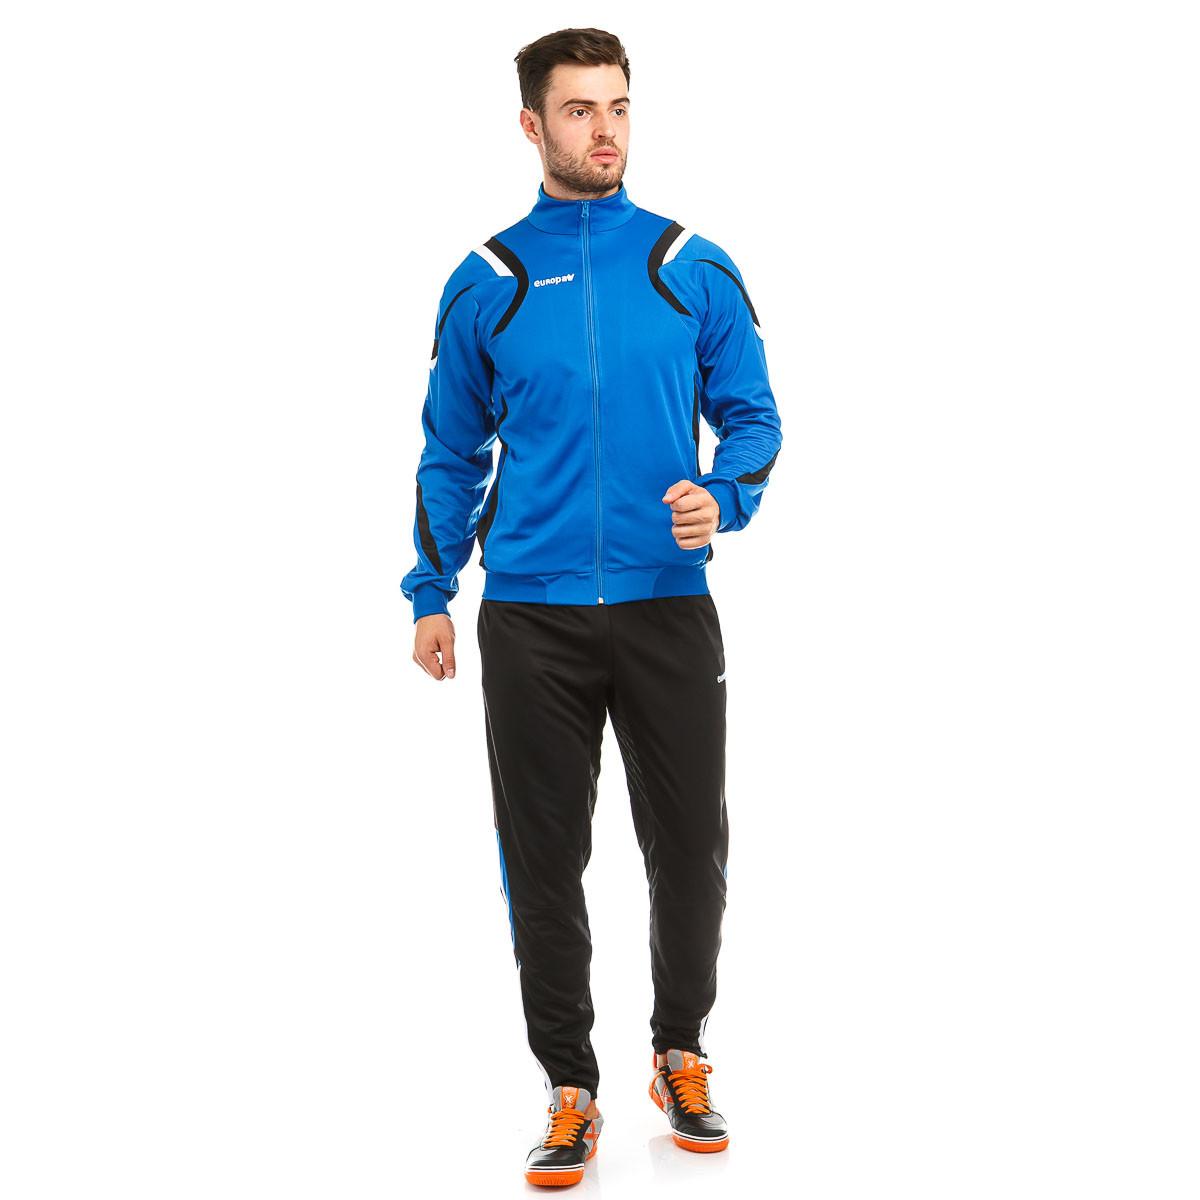 Костюм тренировочный Europaw SEL синий-черный